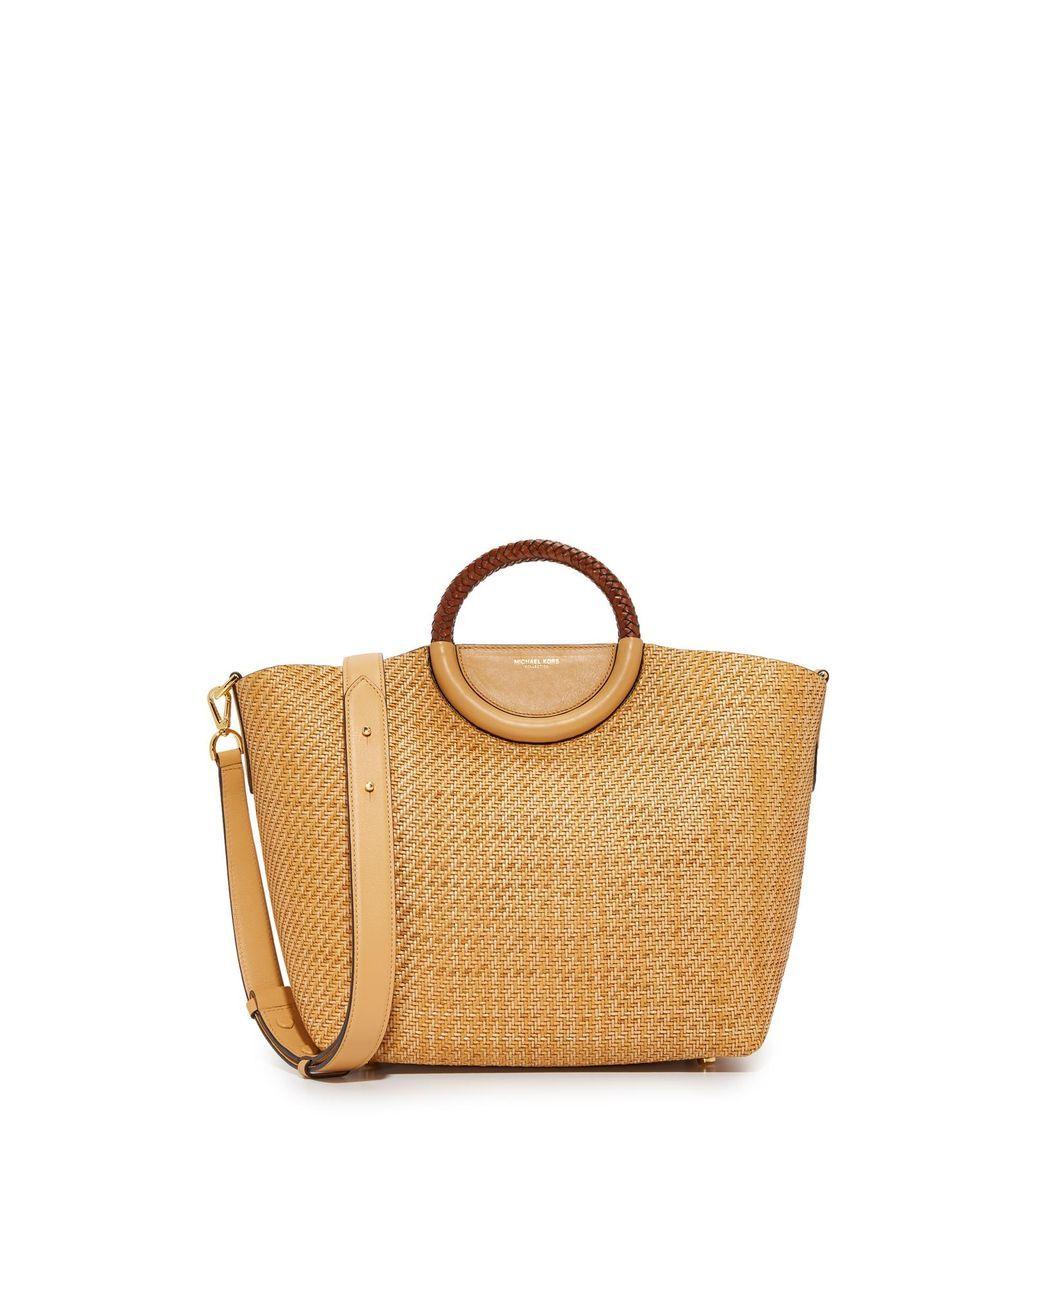 3c552a12a64f Women's Skorpios Market Bag | bags | Bags, Market bag, Michael kors